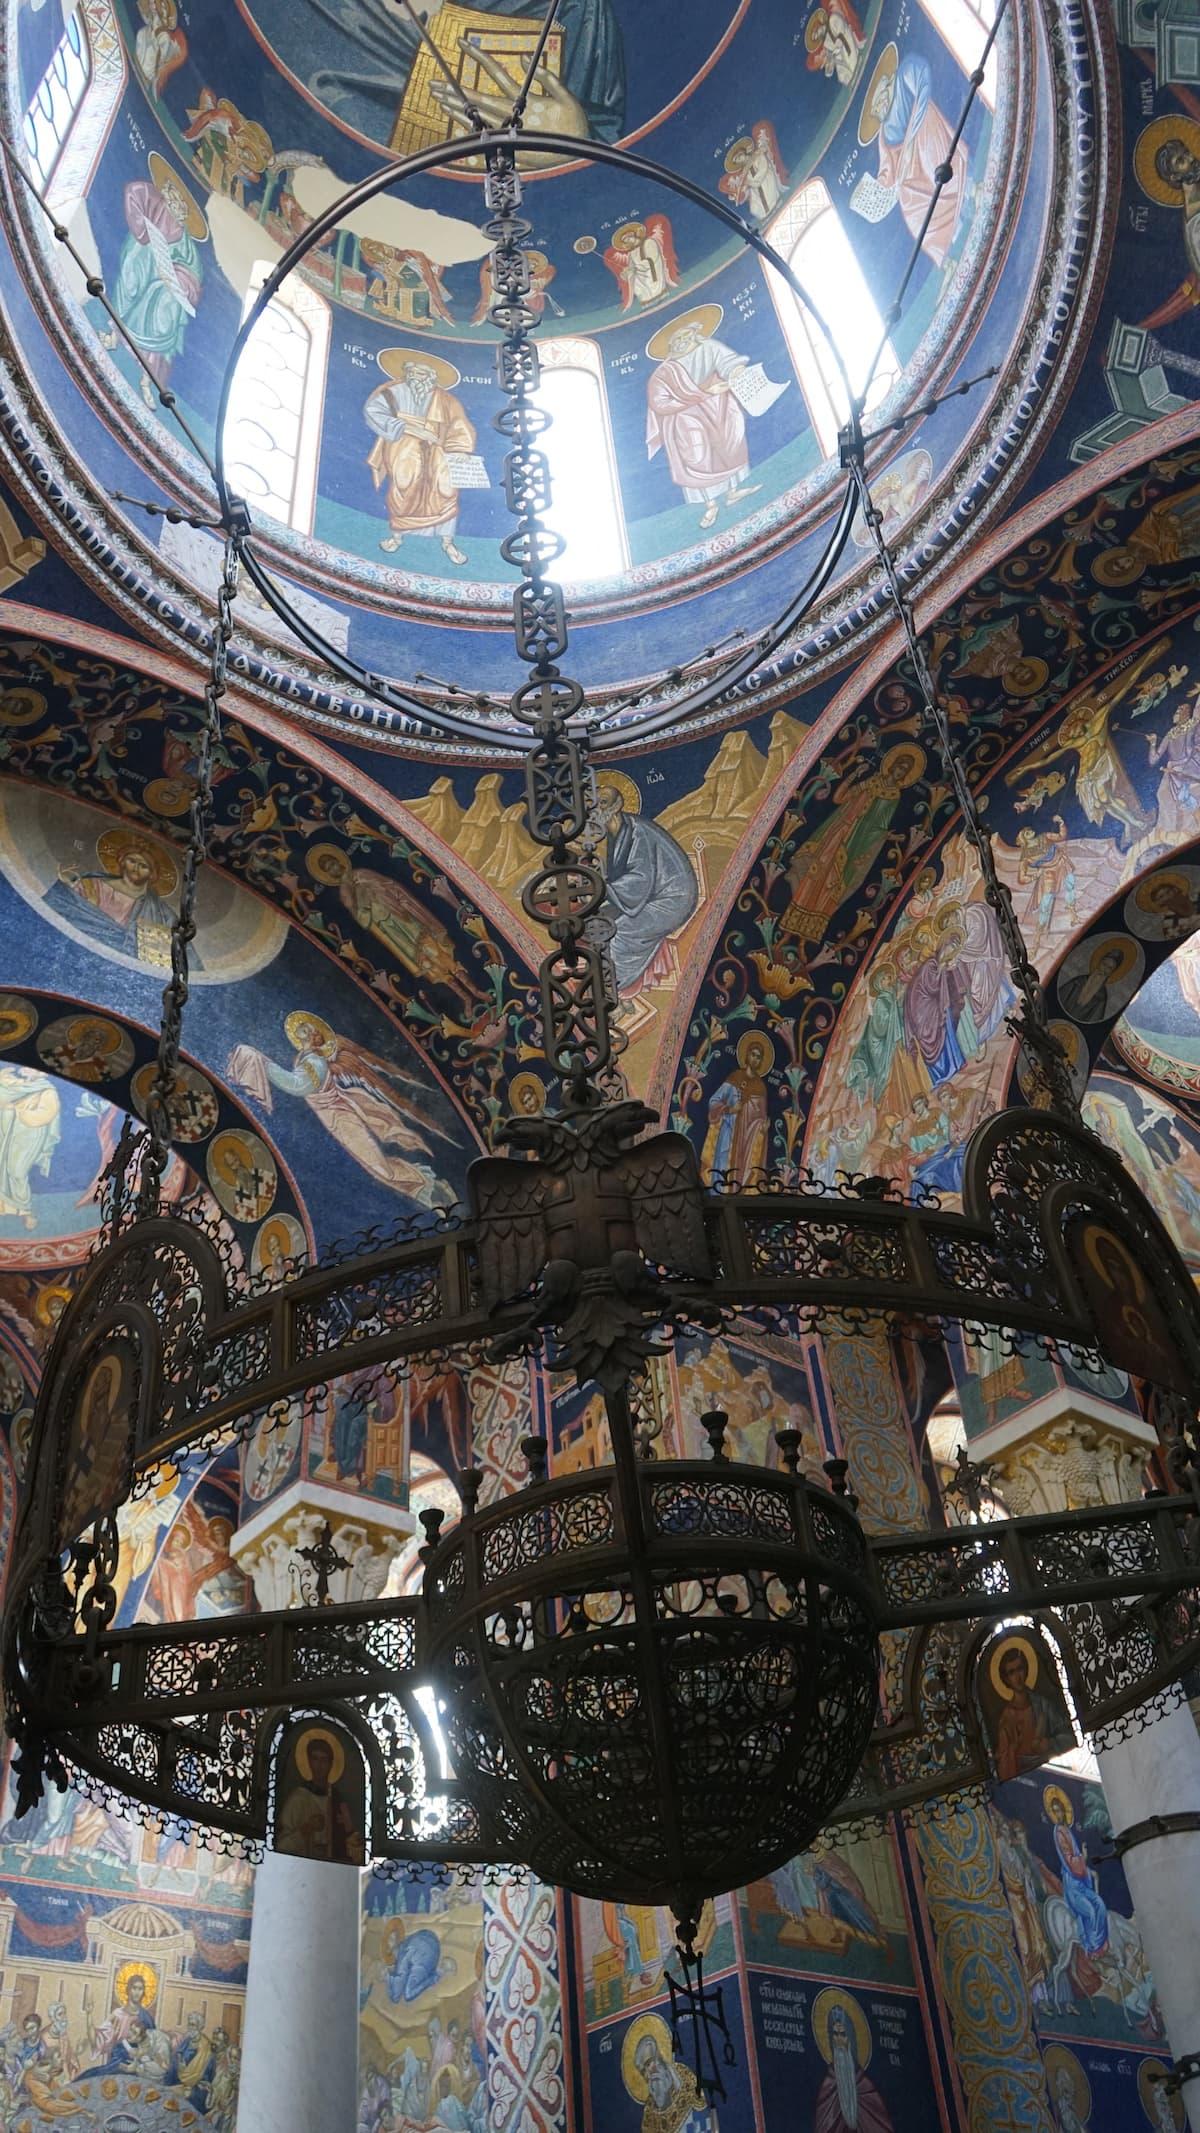 Serbien, Sehenswürdigkeiten: Kirche St. Georg auf dem Oplenac in Topola. Foto: Beate Ziehres